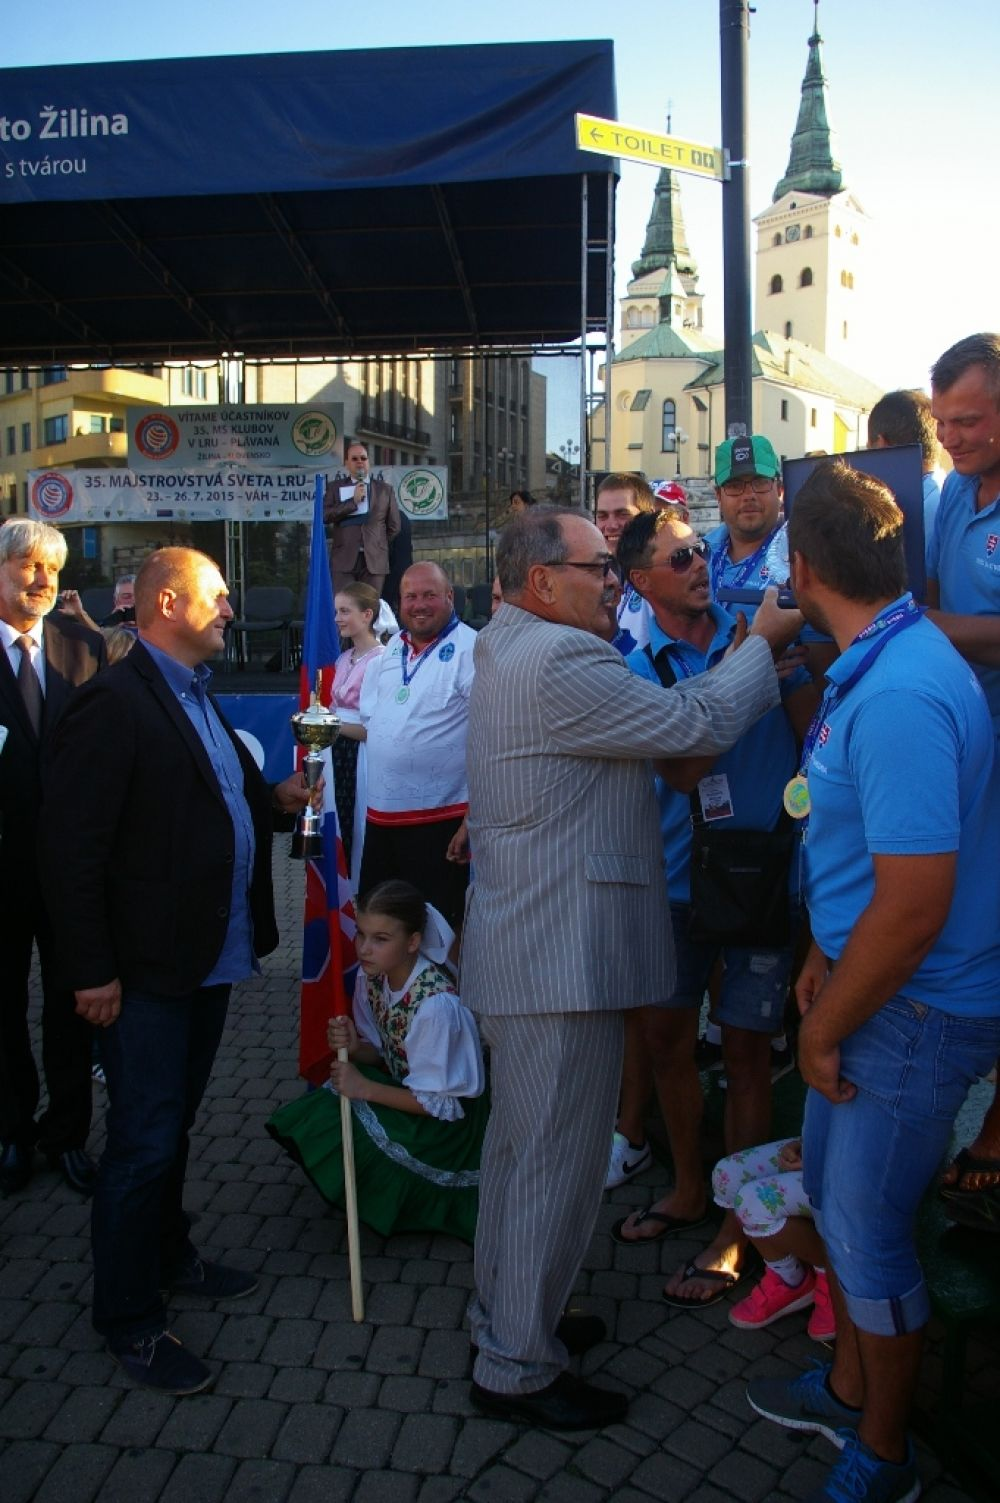 Víťazom 35. Majstrovstiev sveta v love rýb udicou sa stal slovenský klub, foto 1